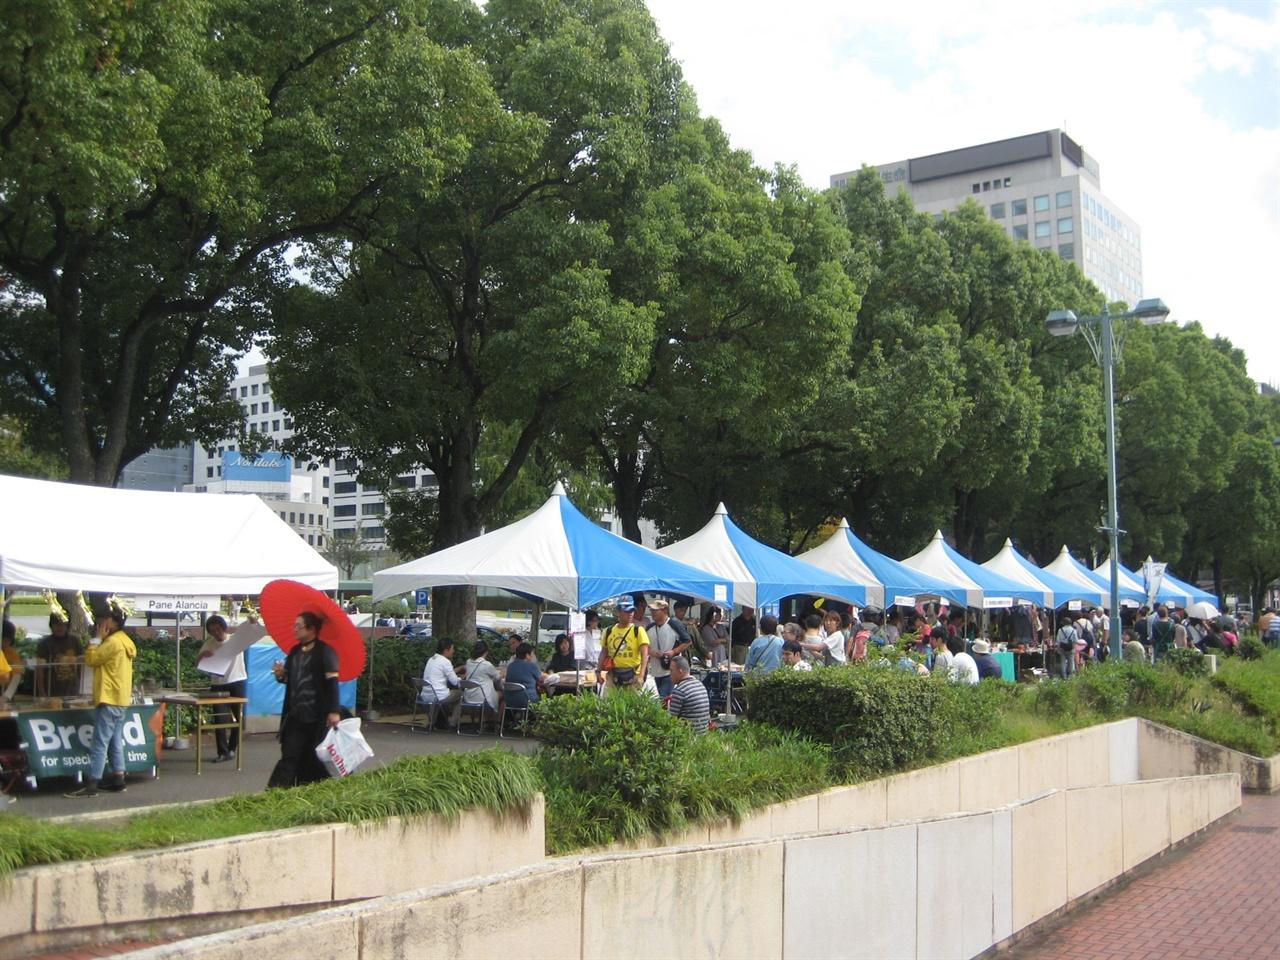 '2017 바람에 몸을 싣고 교류마당' 행사장에는 다양한 먹거리, 교류, 홍보를 위한 부스가 있다